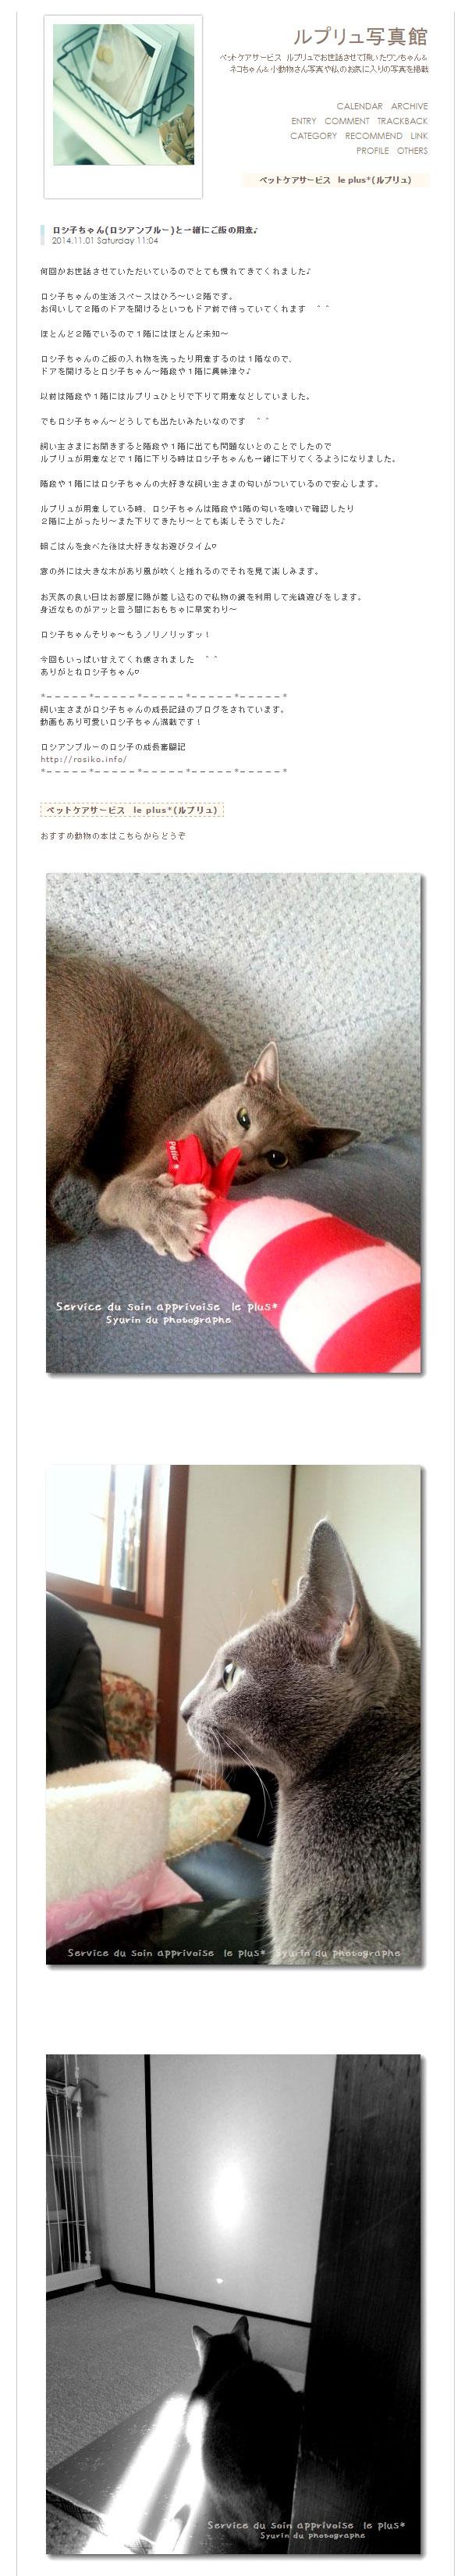 ペットシッターさんのサイトです。